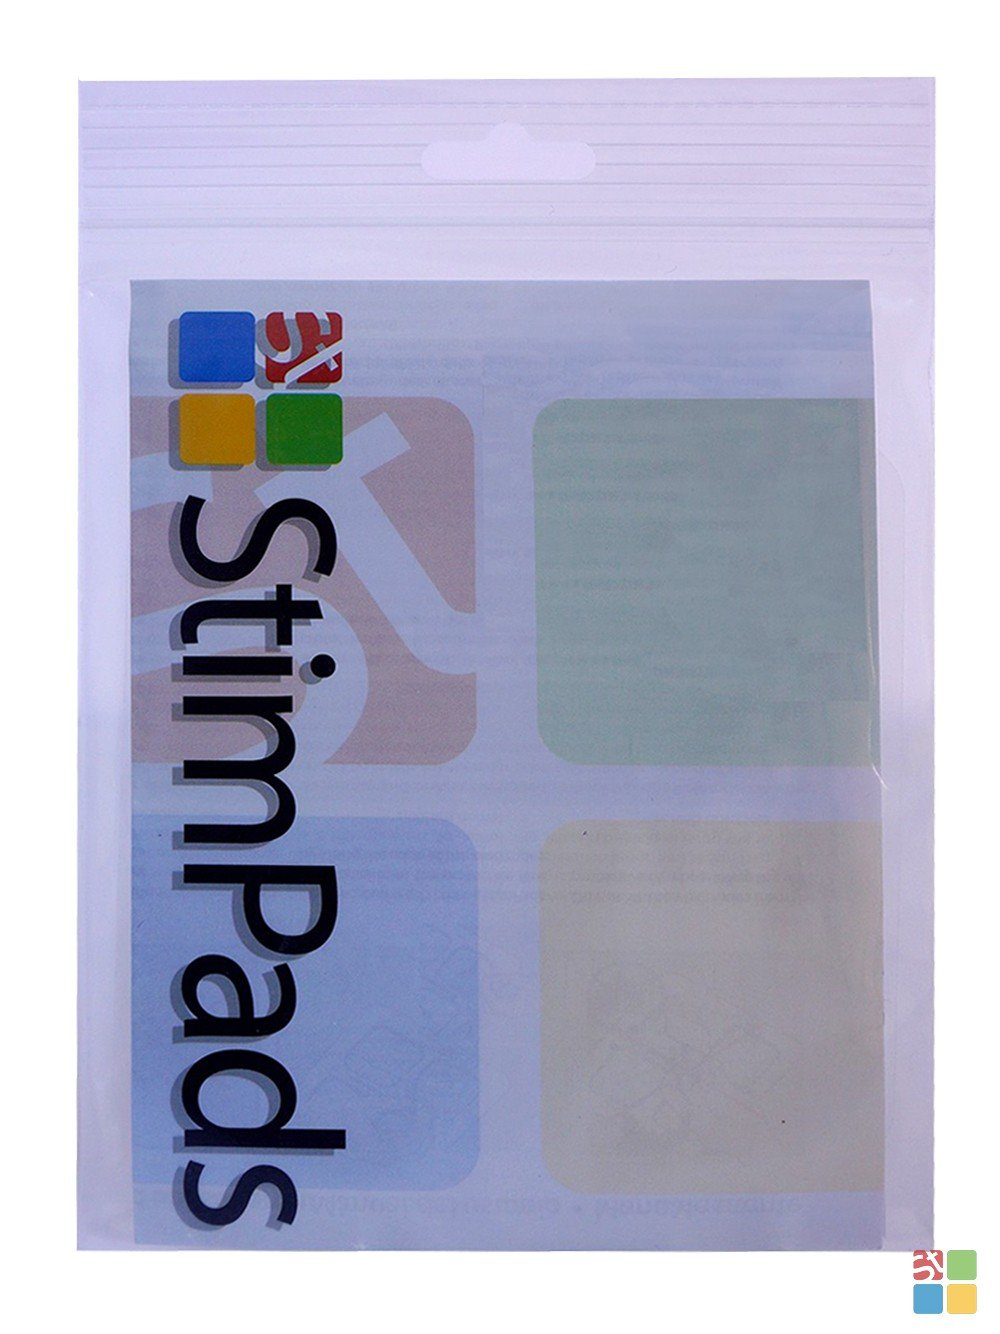 /¡Funcionan a la perfecci/ón con Compex*,100/% compatibles /¡Ahorra 30/% en comparaci/ón con los Originales! envase con 4 electrodos 50x50mm StimPads Electrodos para Compex*